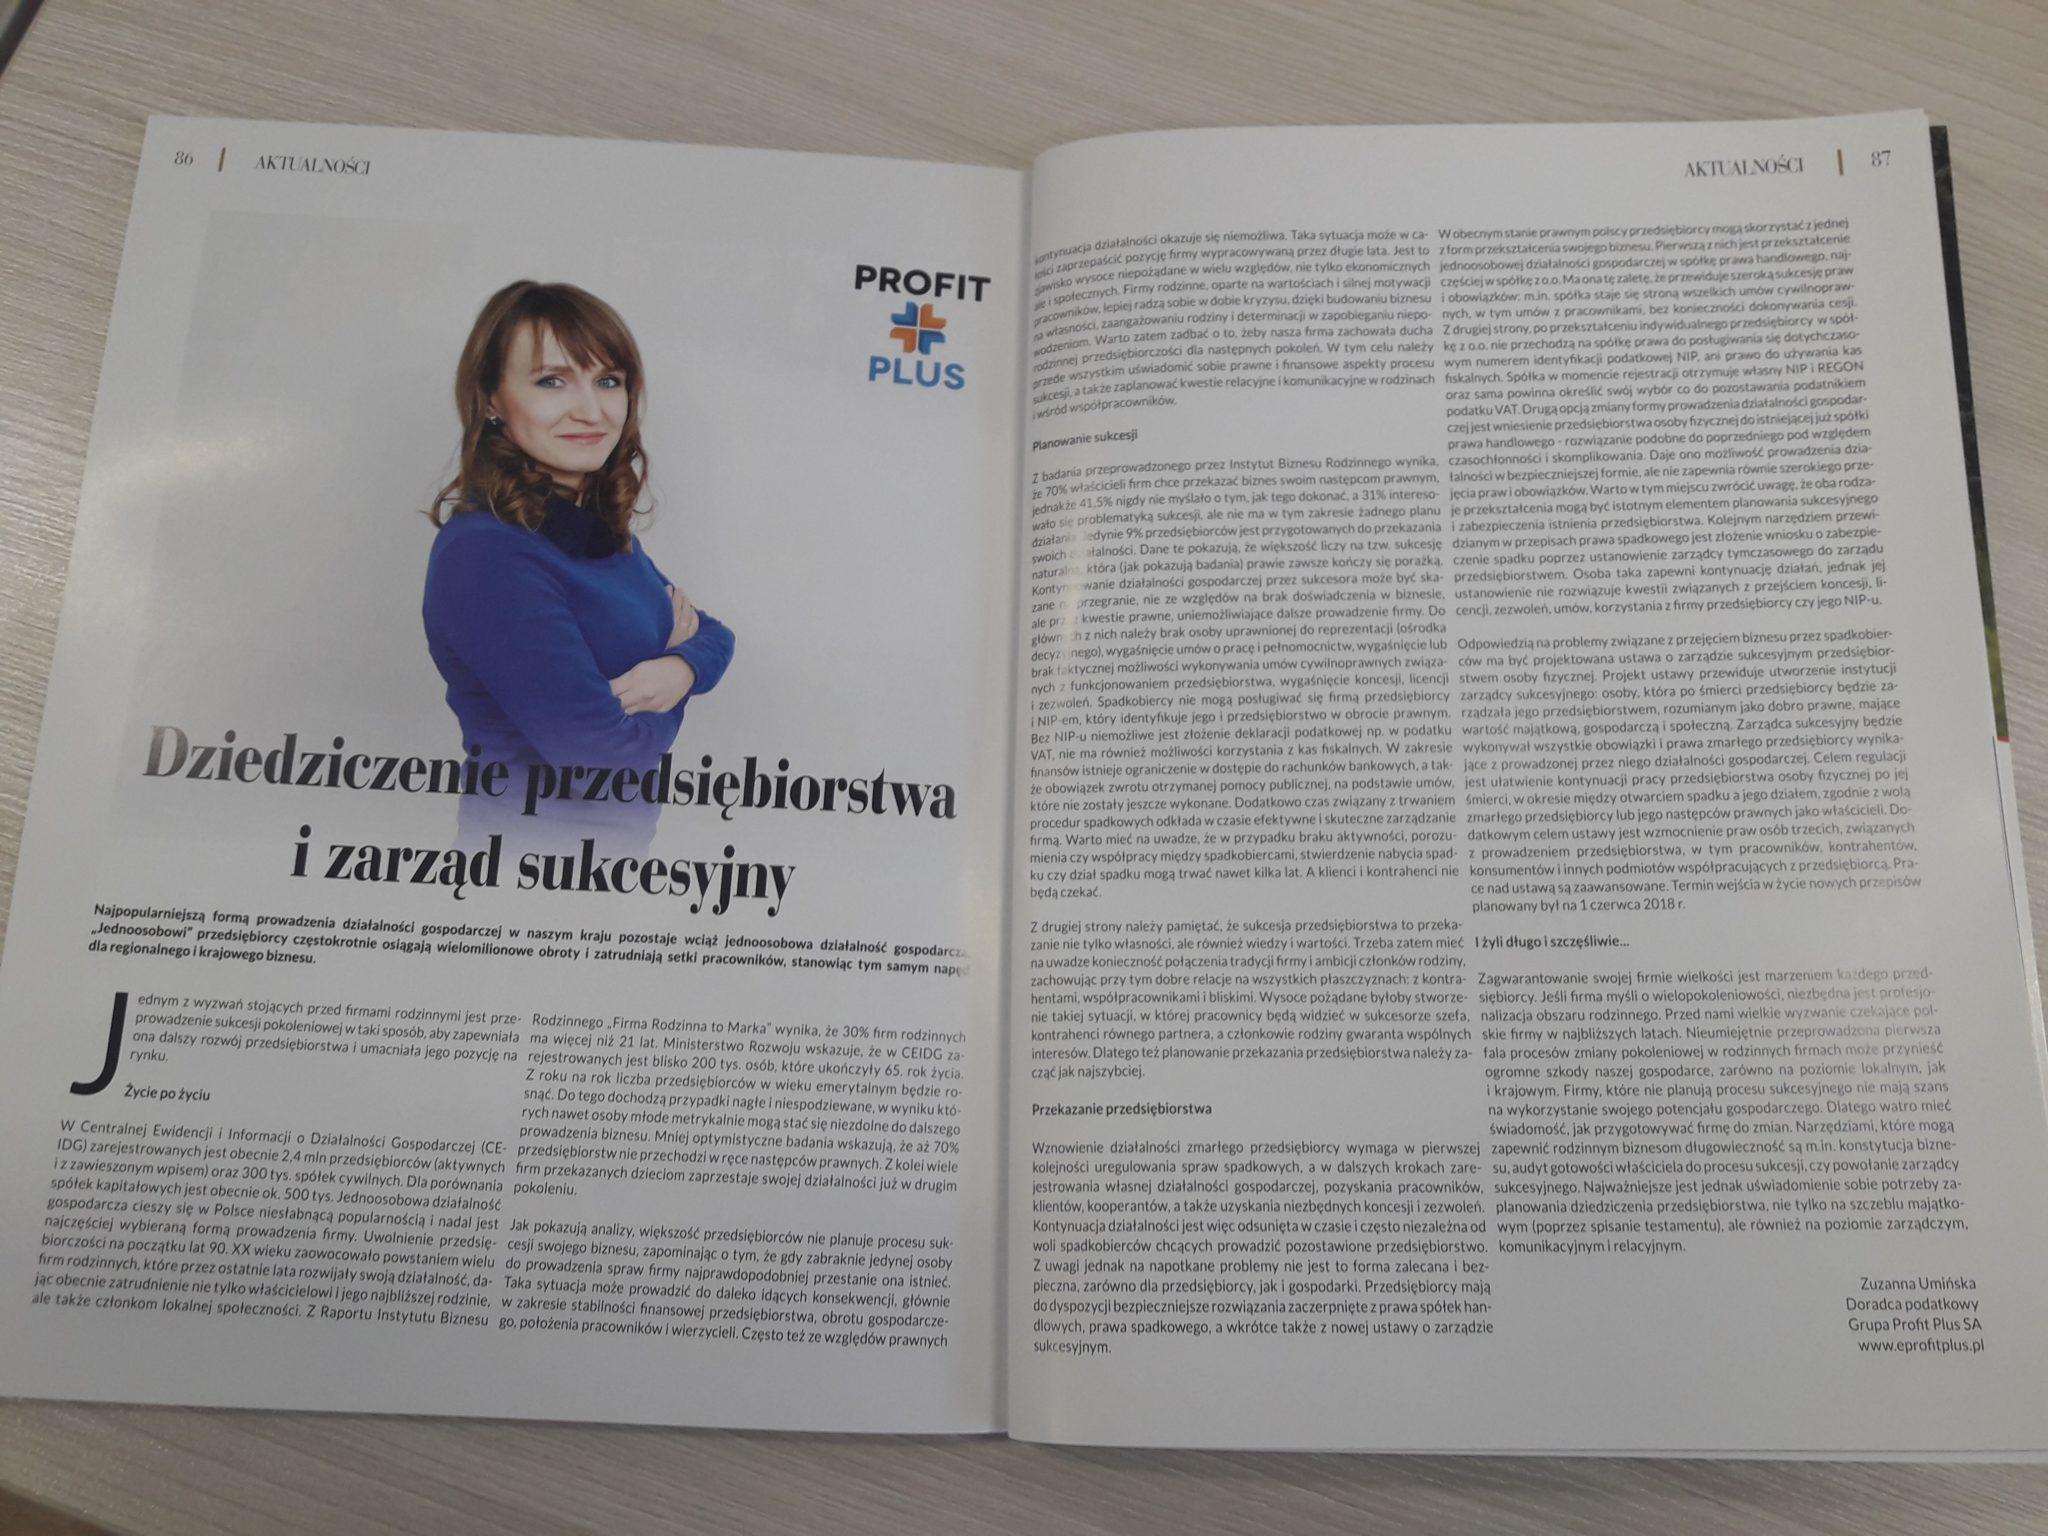 Artykuł Dziedziczenie przedsiębiorstwa i zarząd sukcesyjny